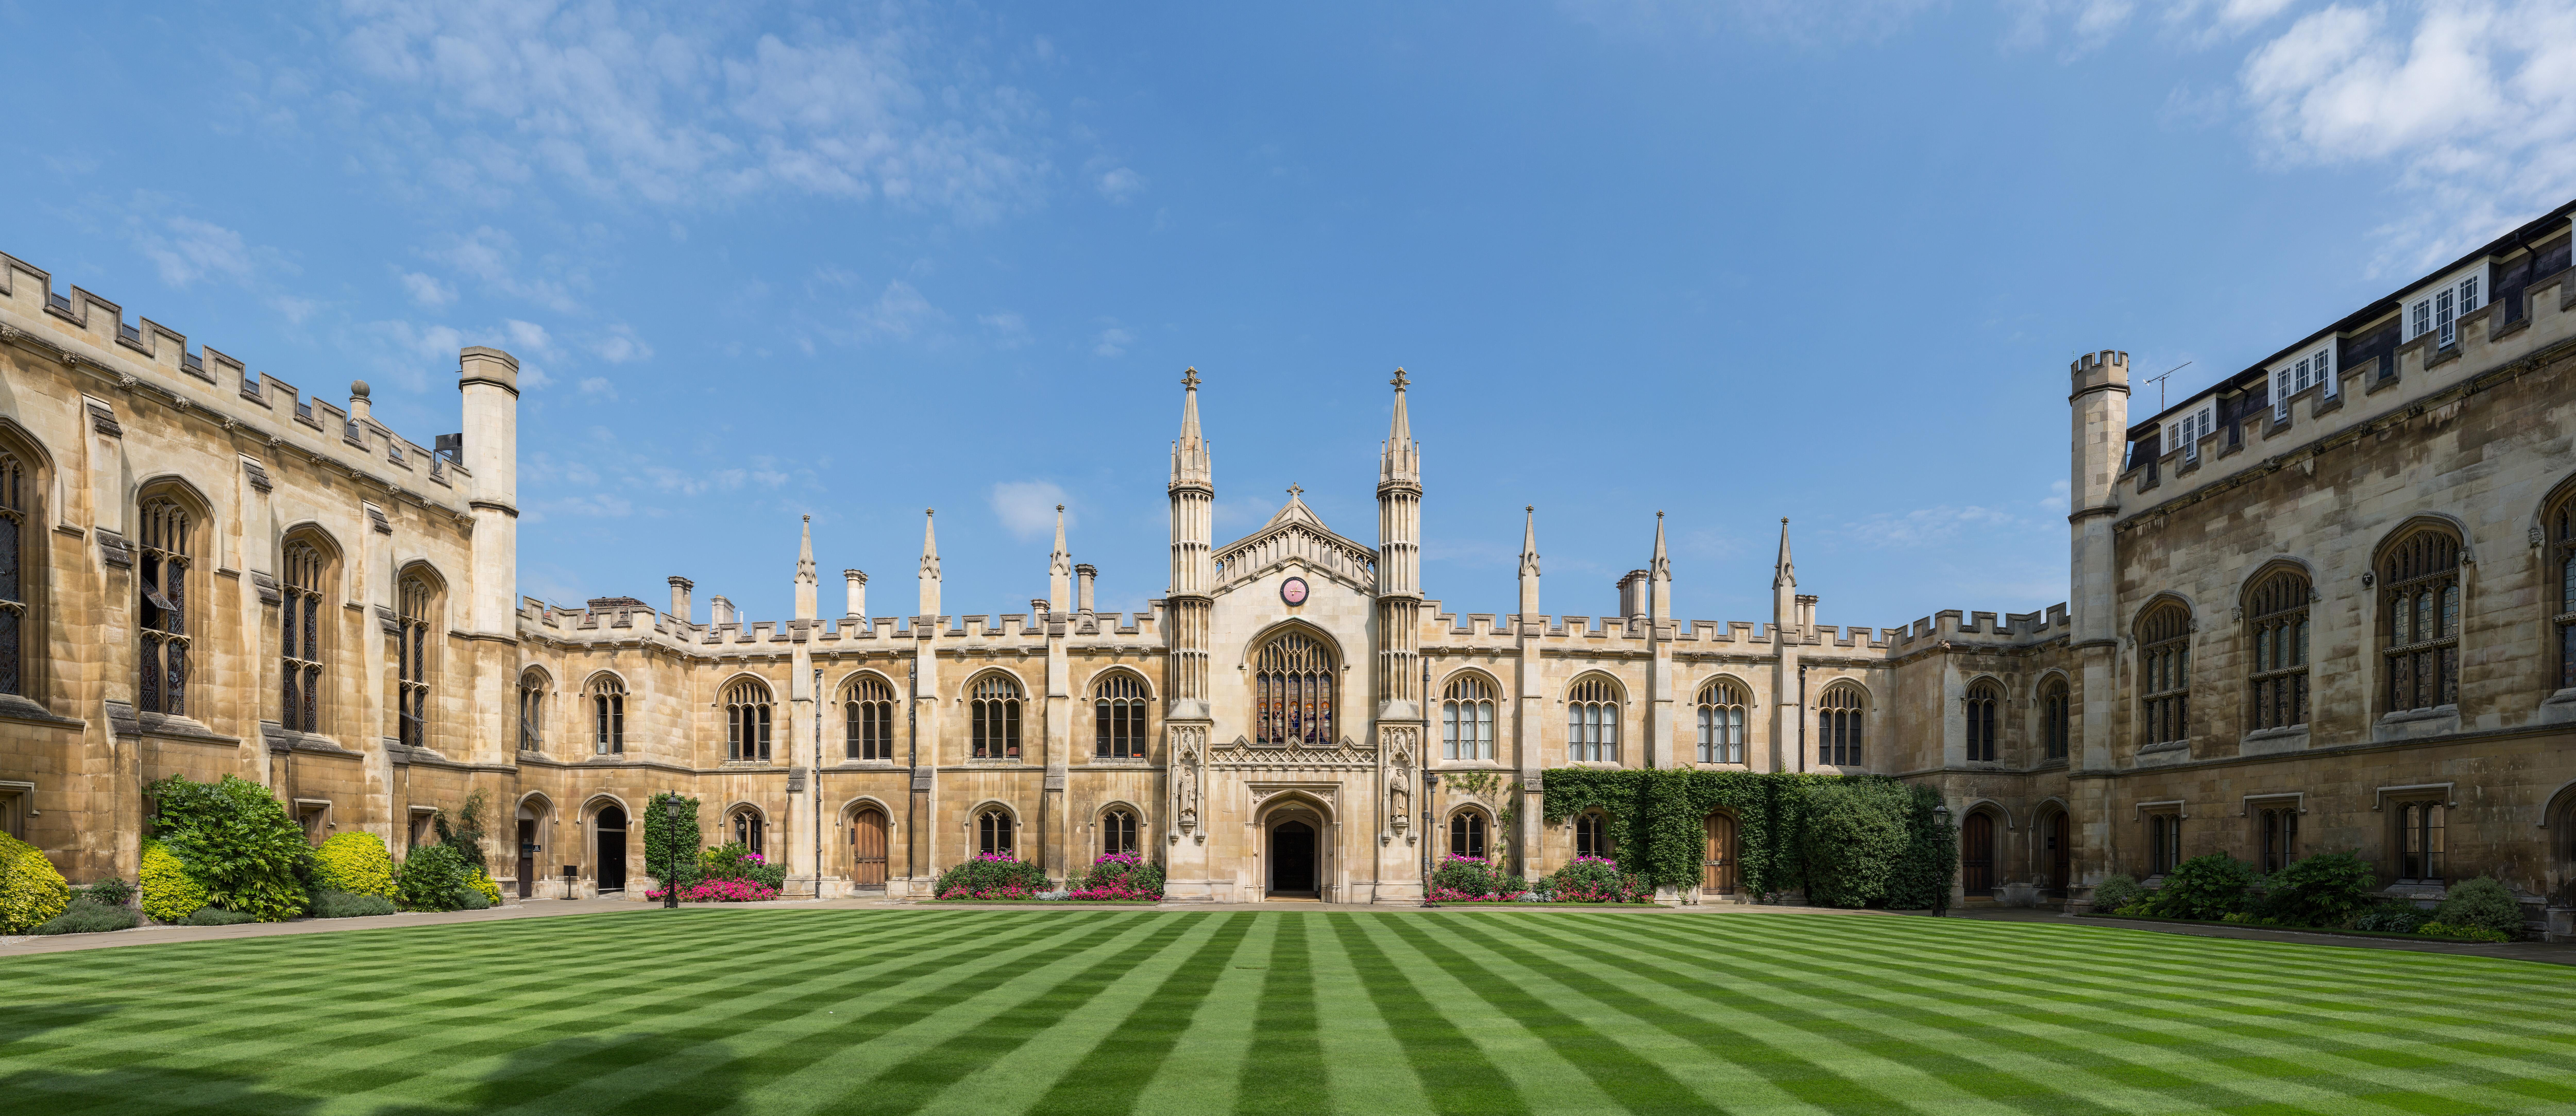 College Wikipedia